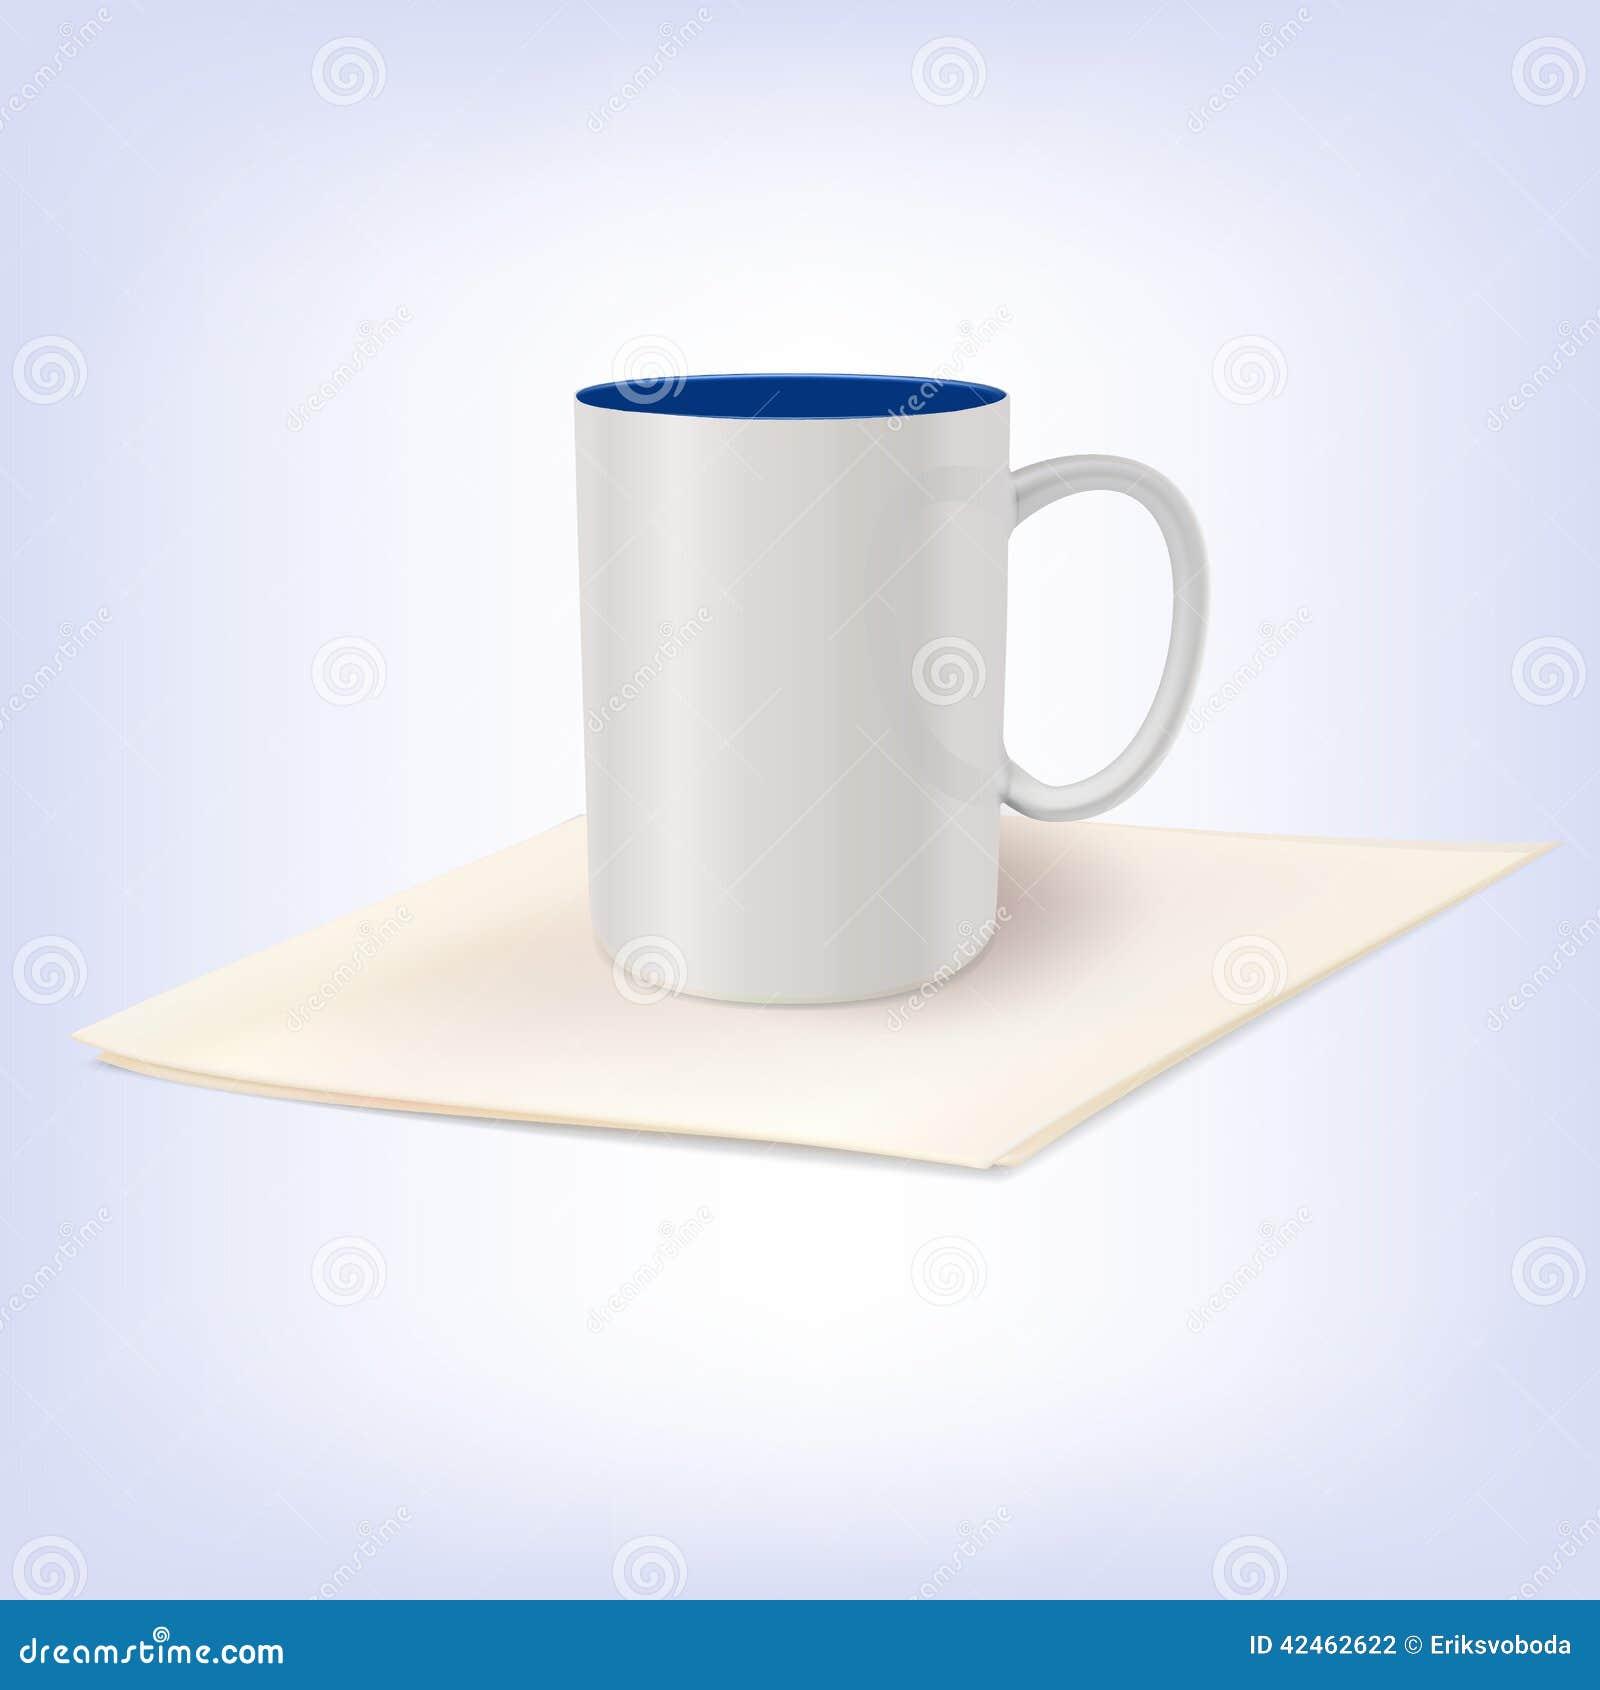 Weiße keramische Schale, die auf einer Serviette steht